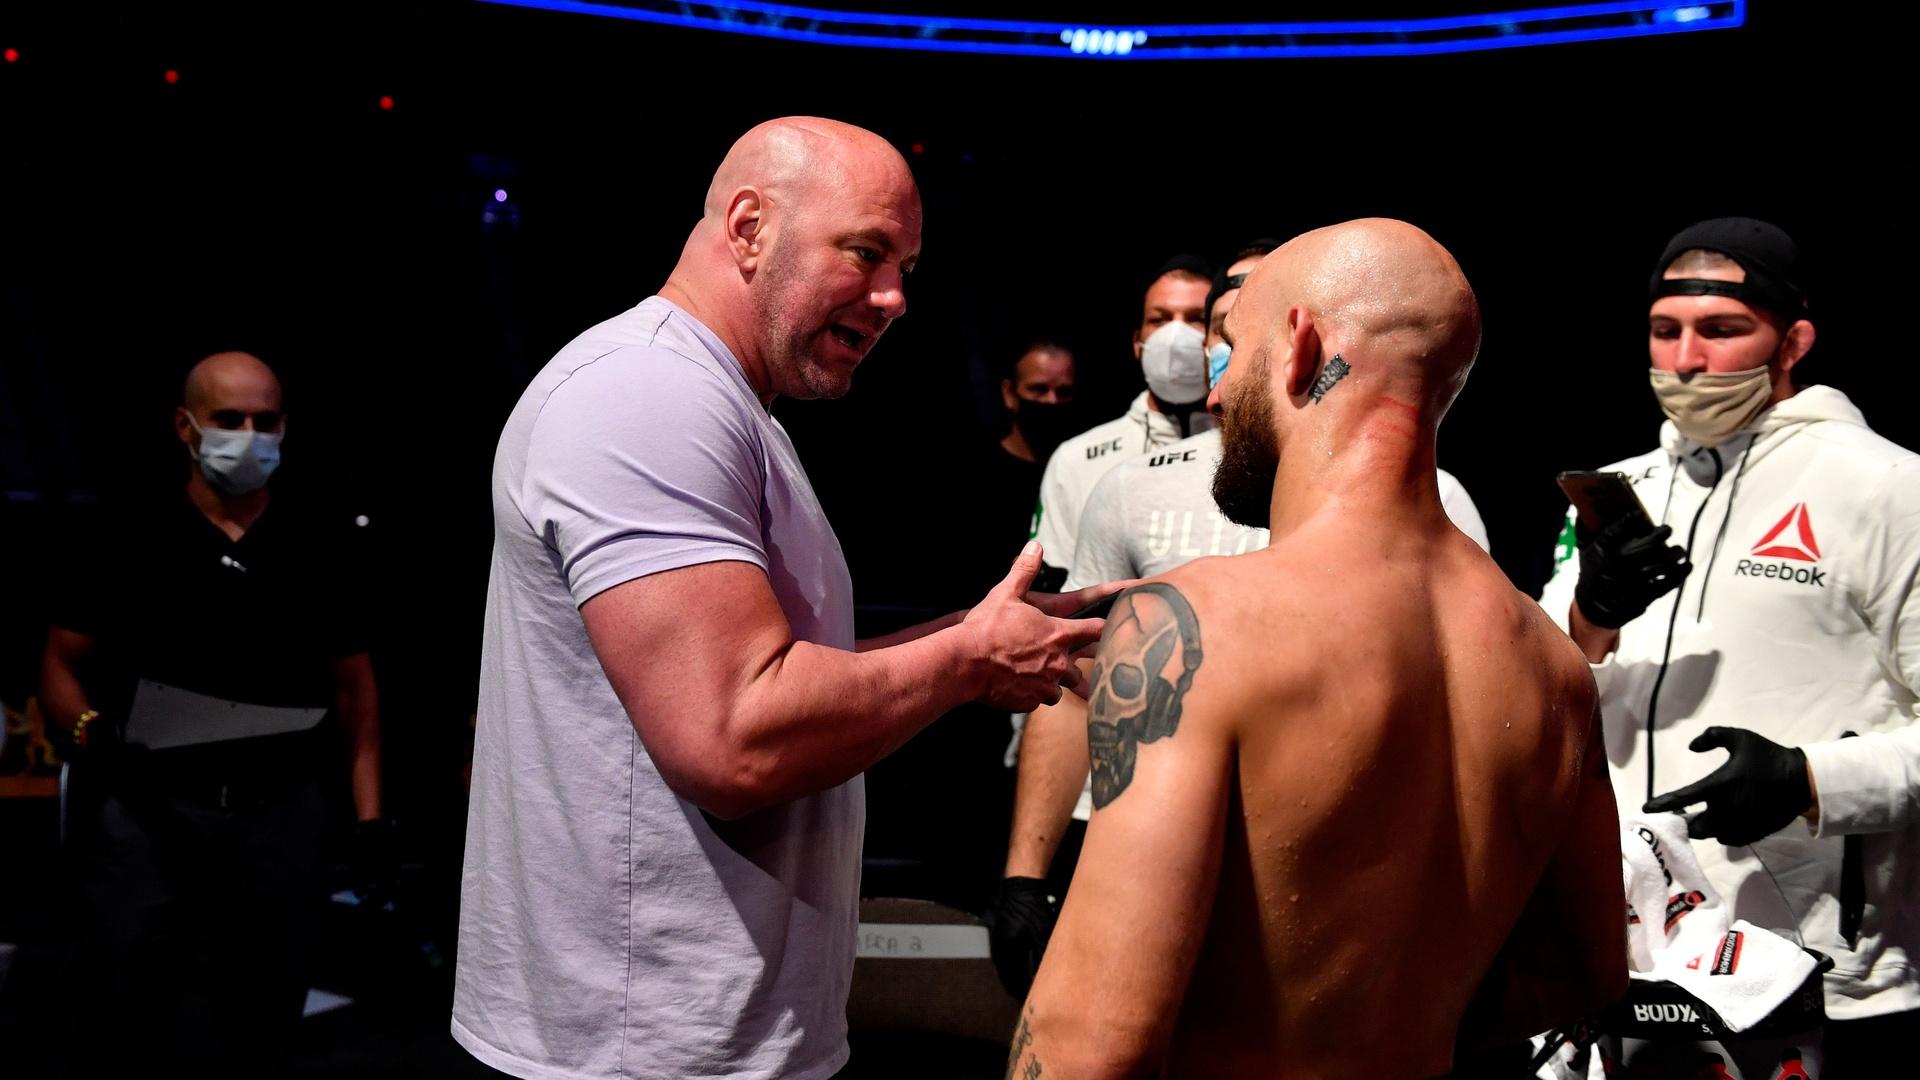 رئيس منظمة UFC يختار أفضل مقاتلي 2020